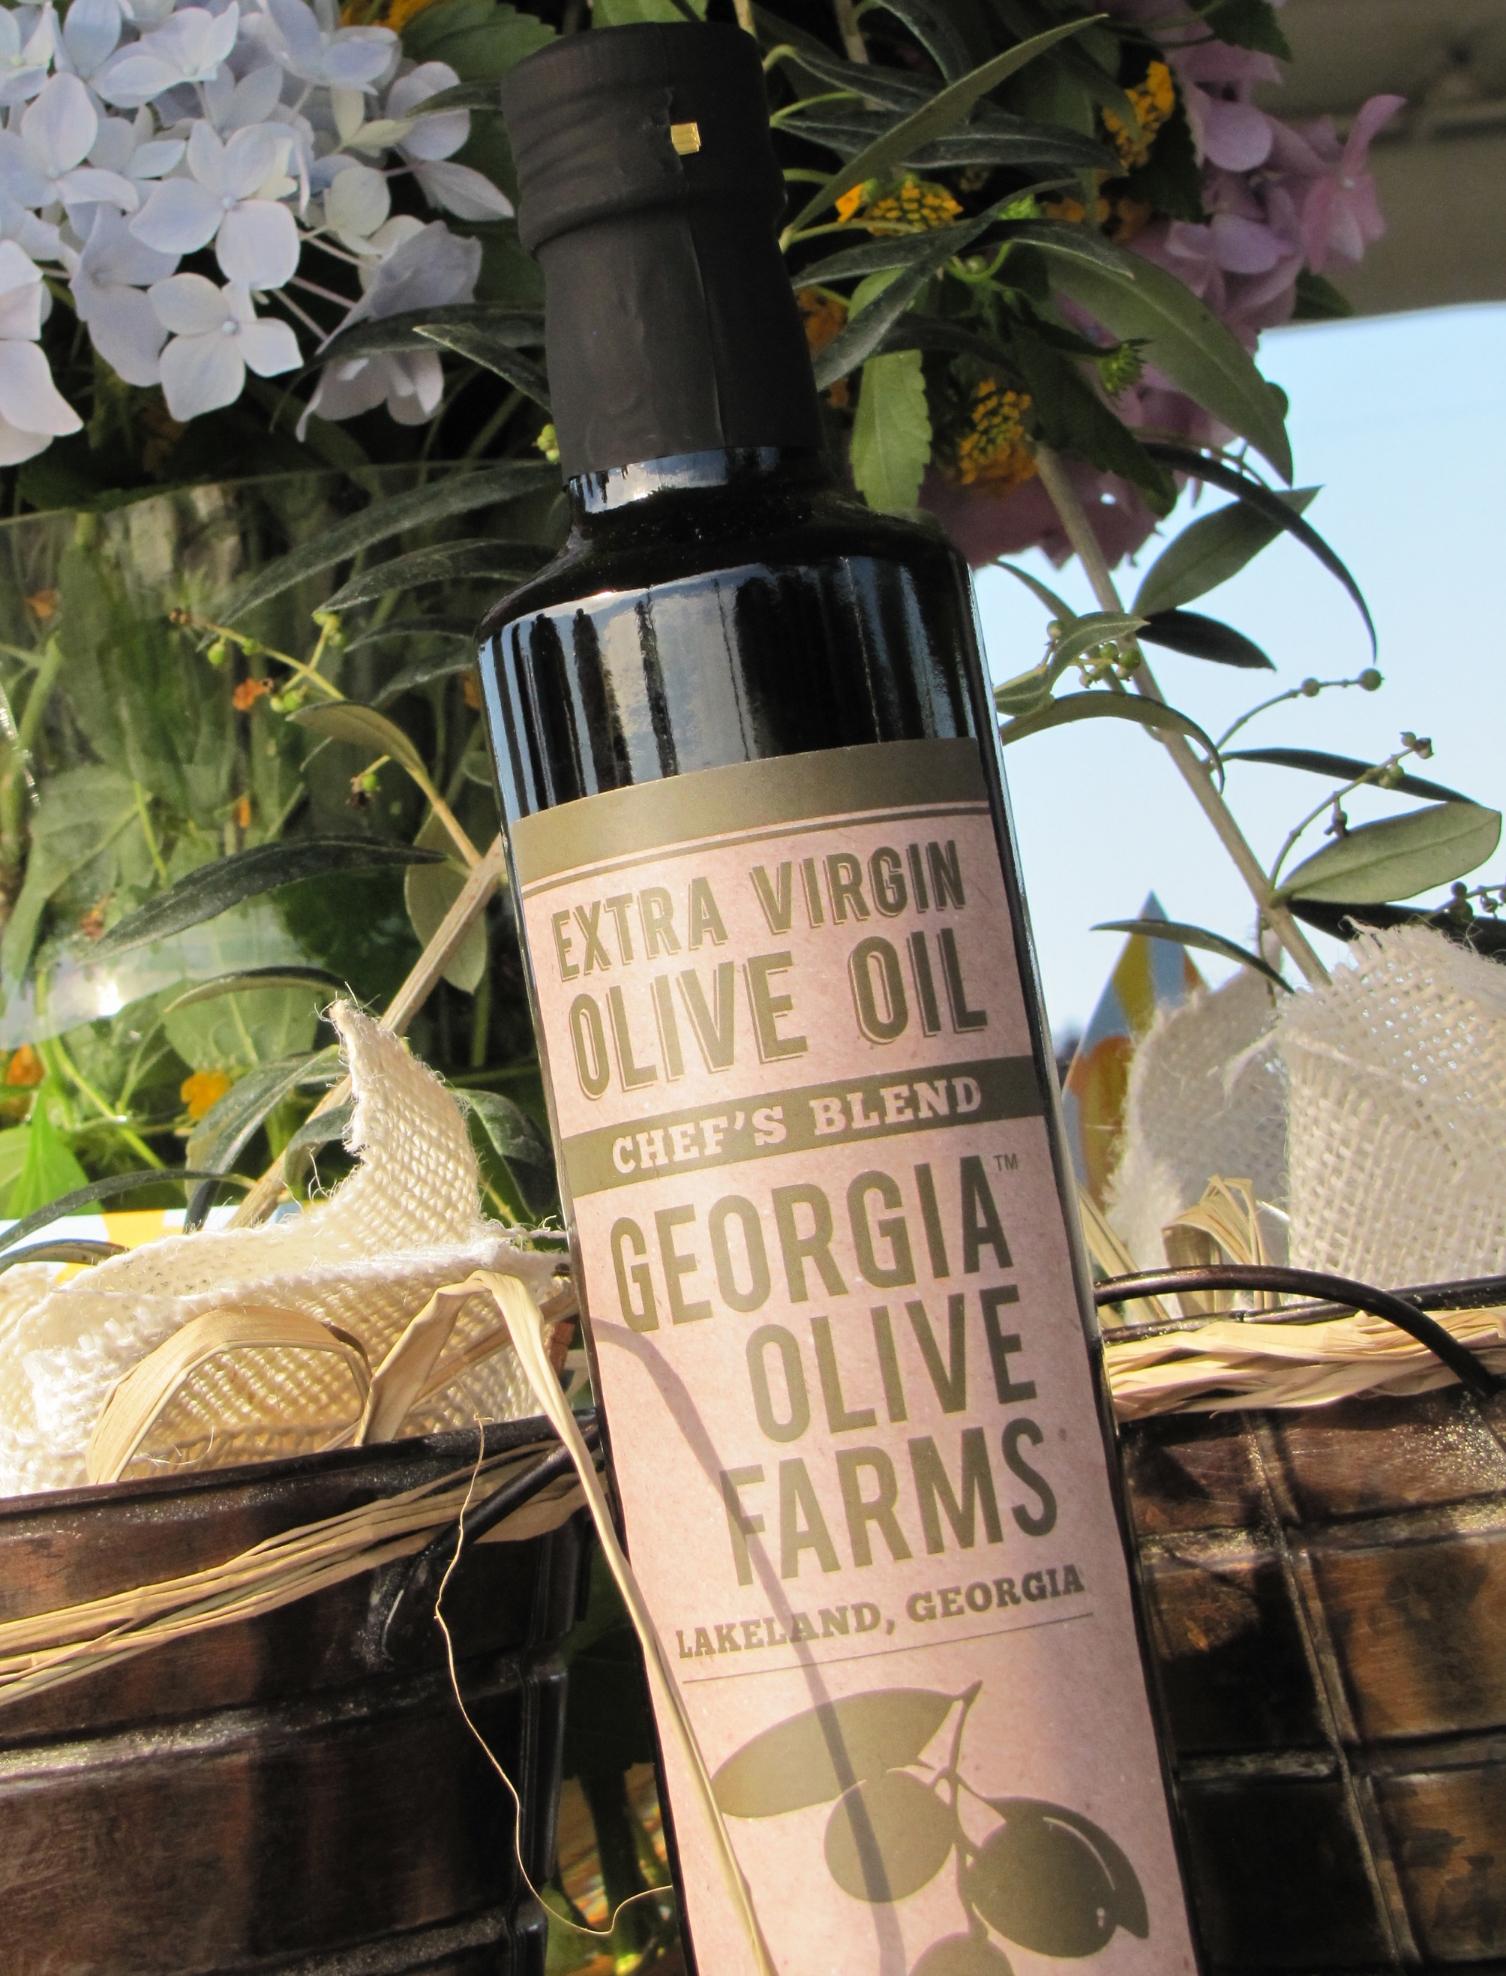 olive-oil-bottle-chefs-blend.jpg